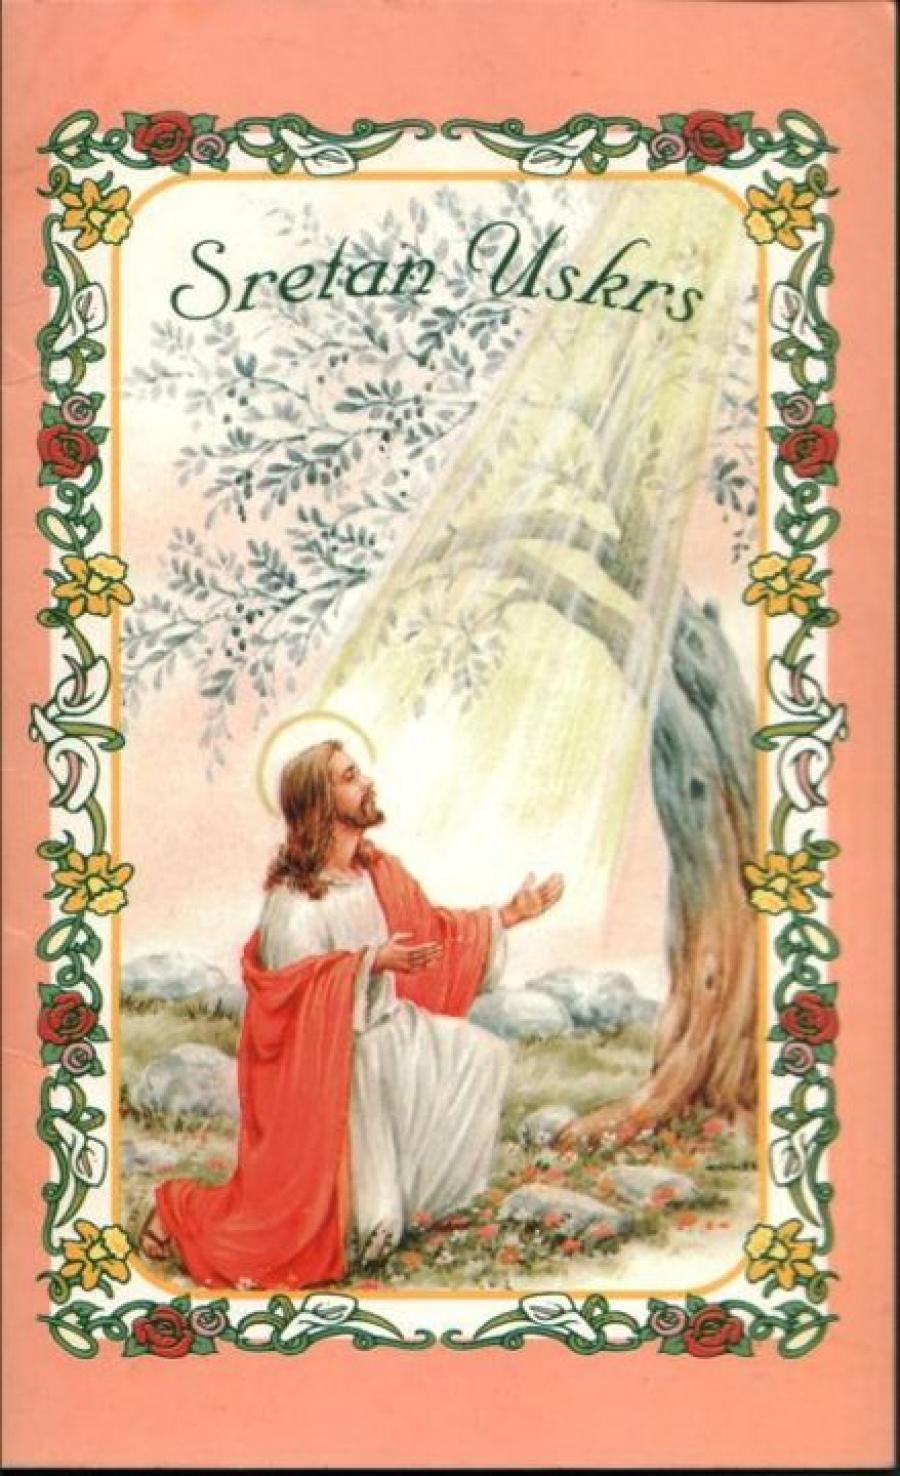 e čestitke za uskrs Dubrovačka Biskupija   Čestitke pristigle za Uskrs e čestitke za uskrs